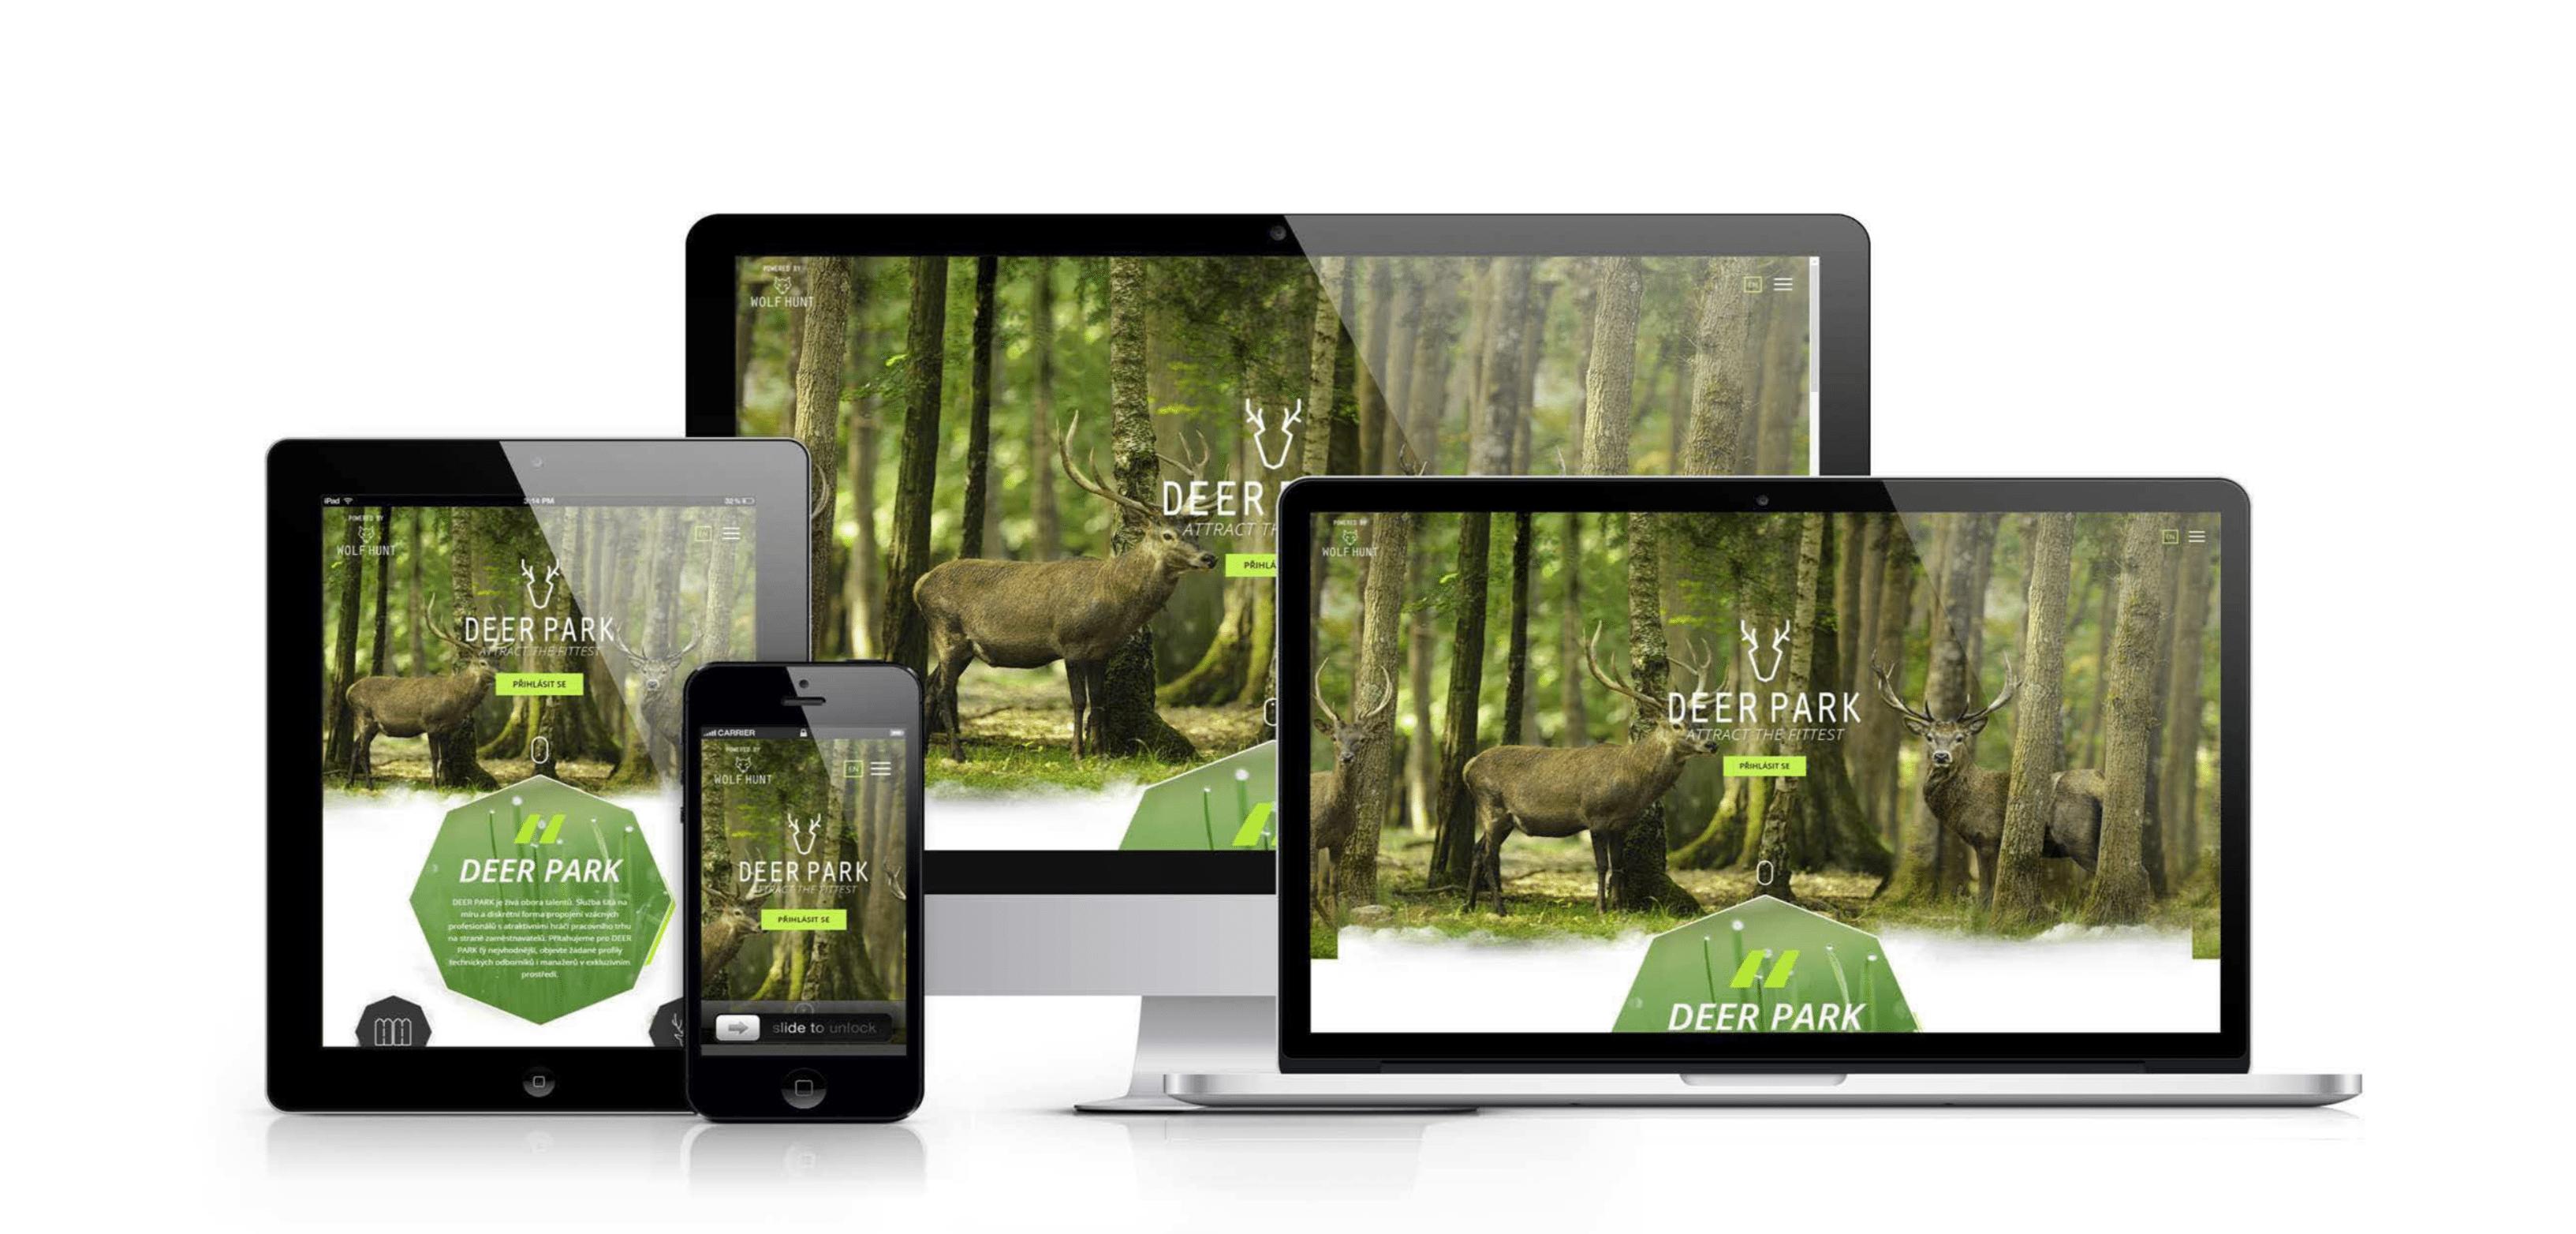 Deer Park web mockup